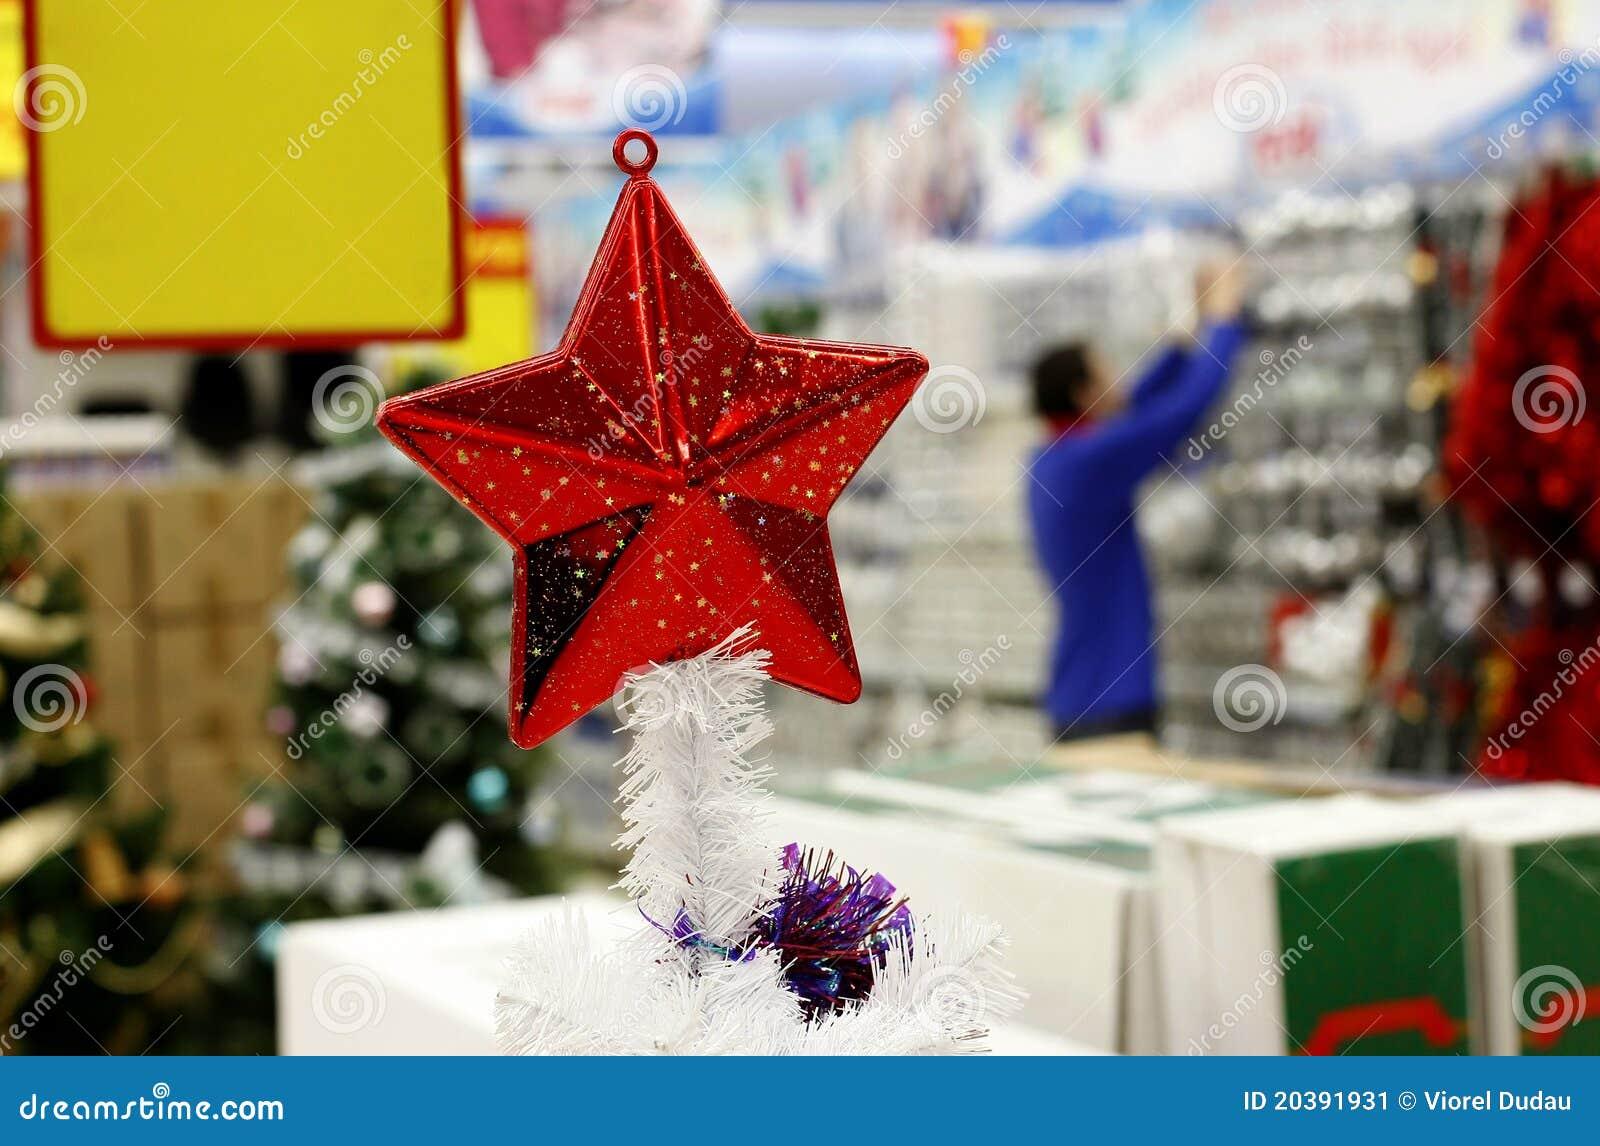 Decoraciones de la navidad en supermercado imagen de for Decoracion de supermercados